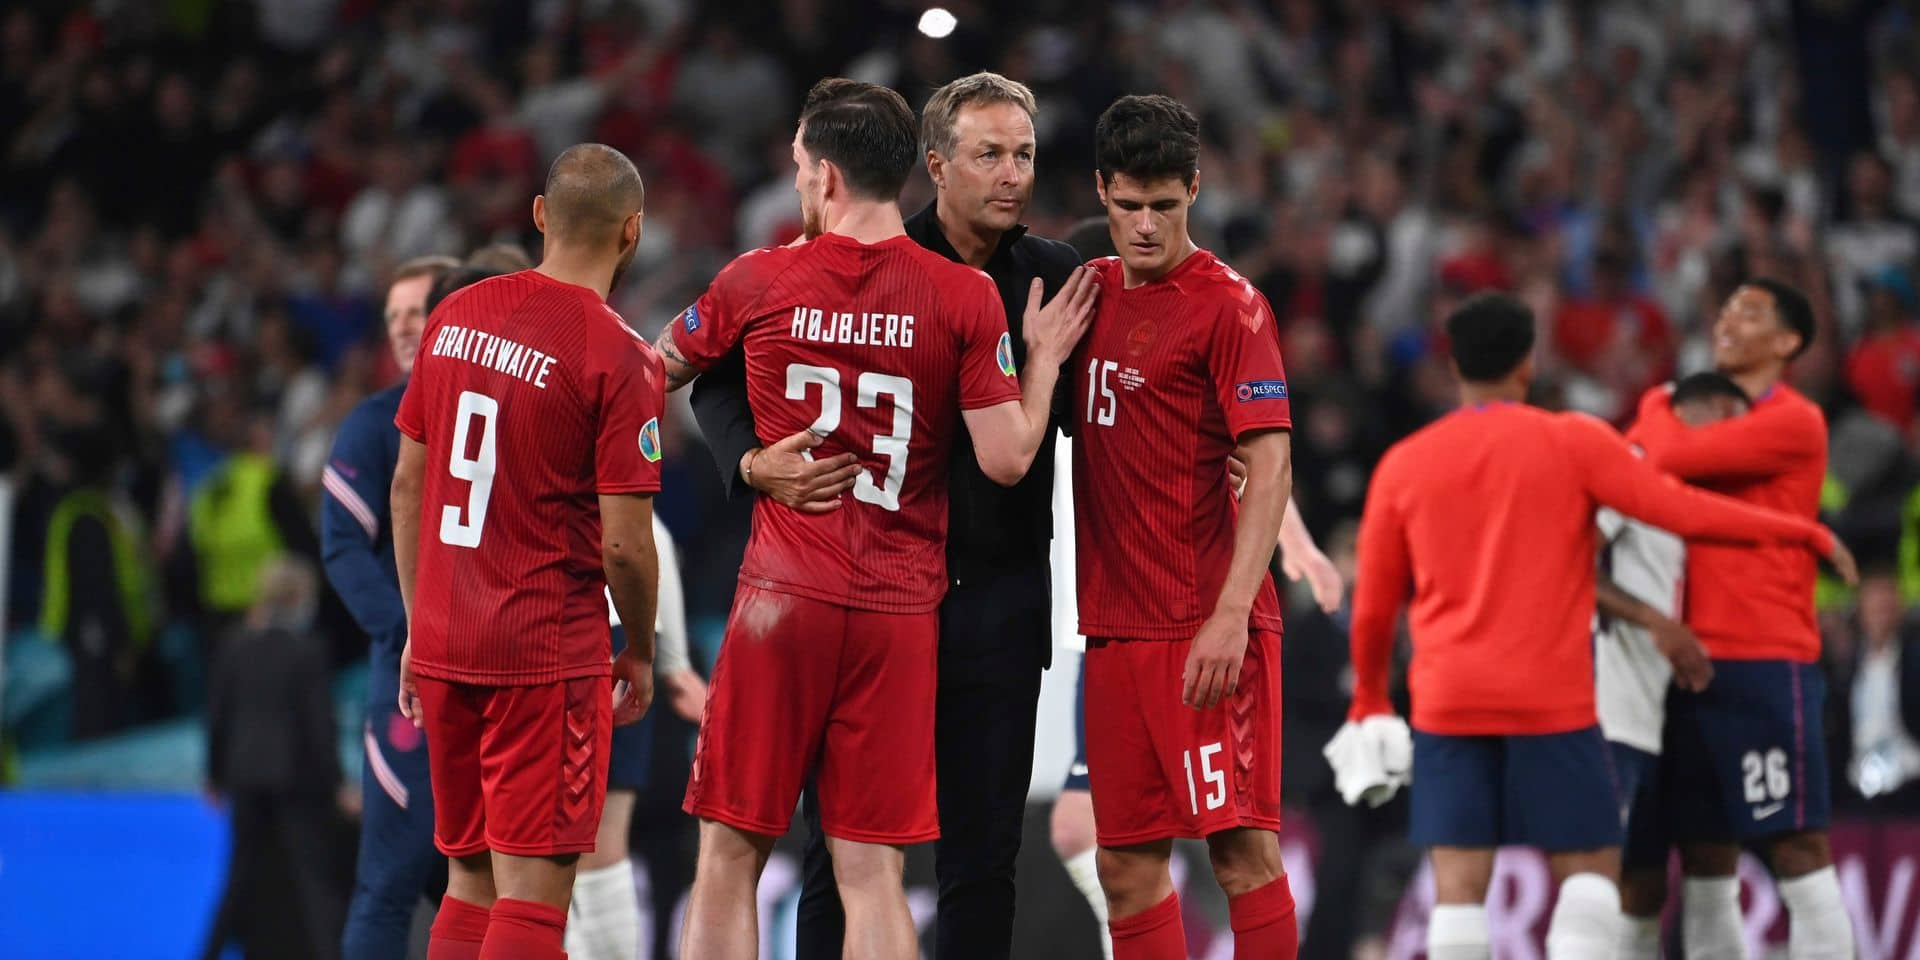 Soccer EURO 2020 semi-finals / England - Denmark 2: 1 nV.